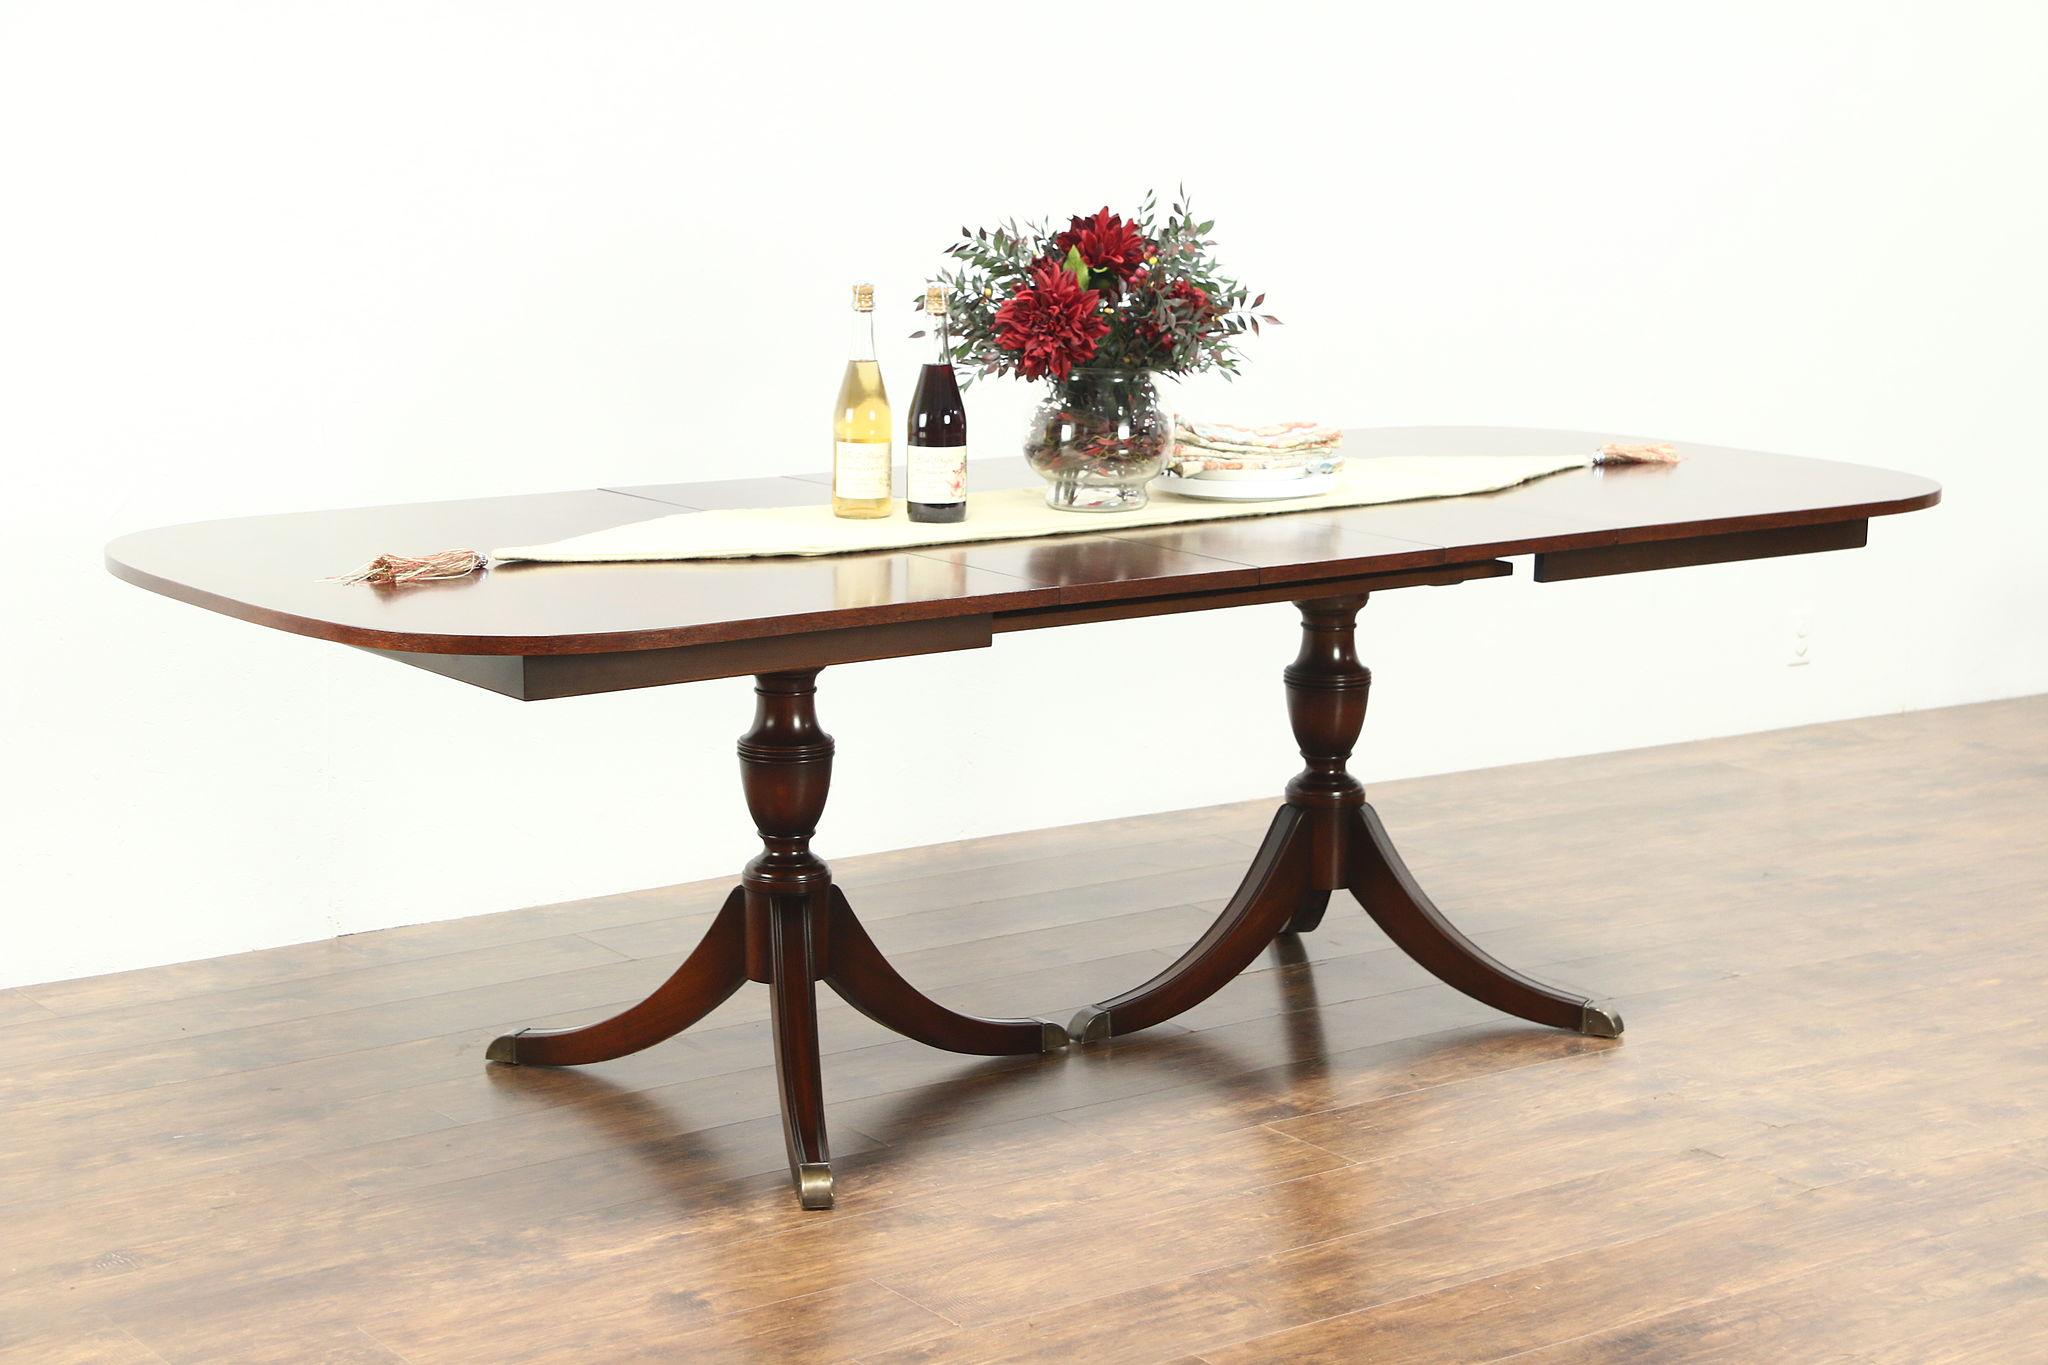 Traditional Vintage Gany Dining Table 2 Pedestals 3 Leaves Landstrom